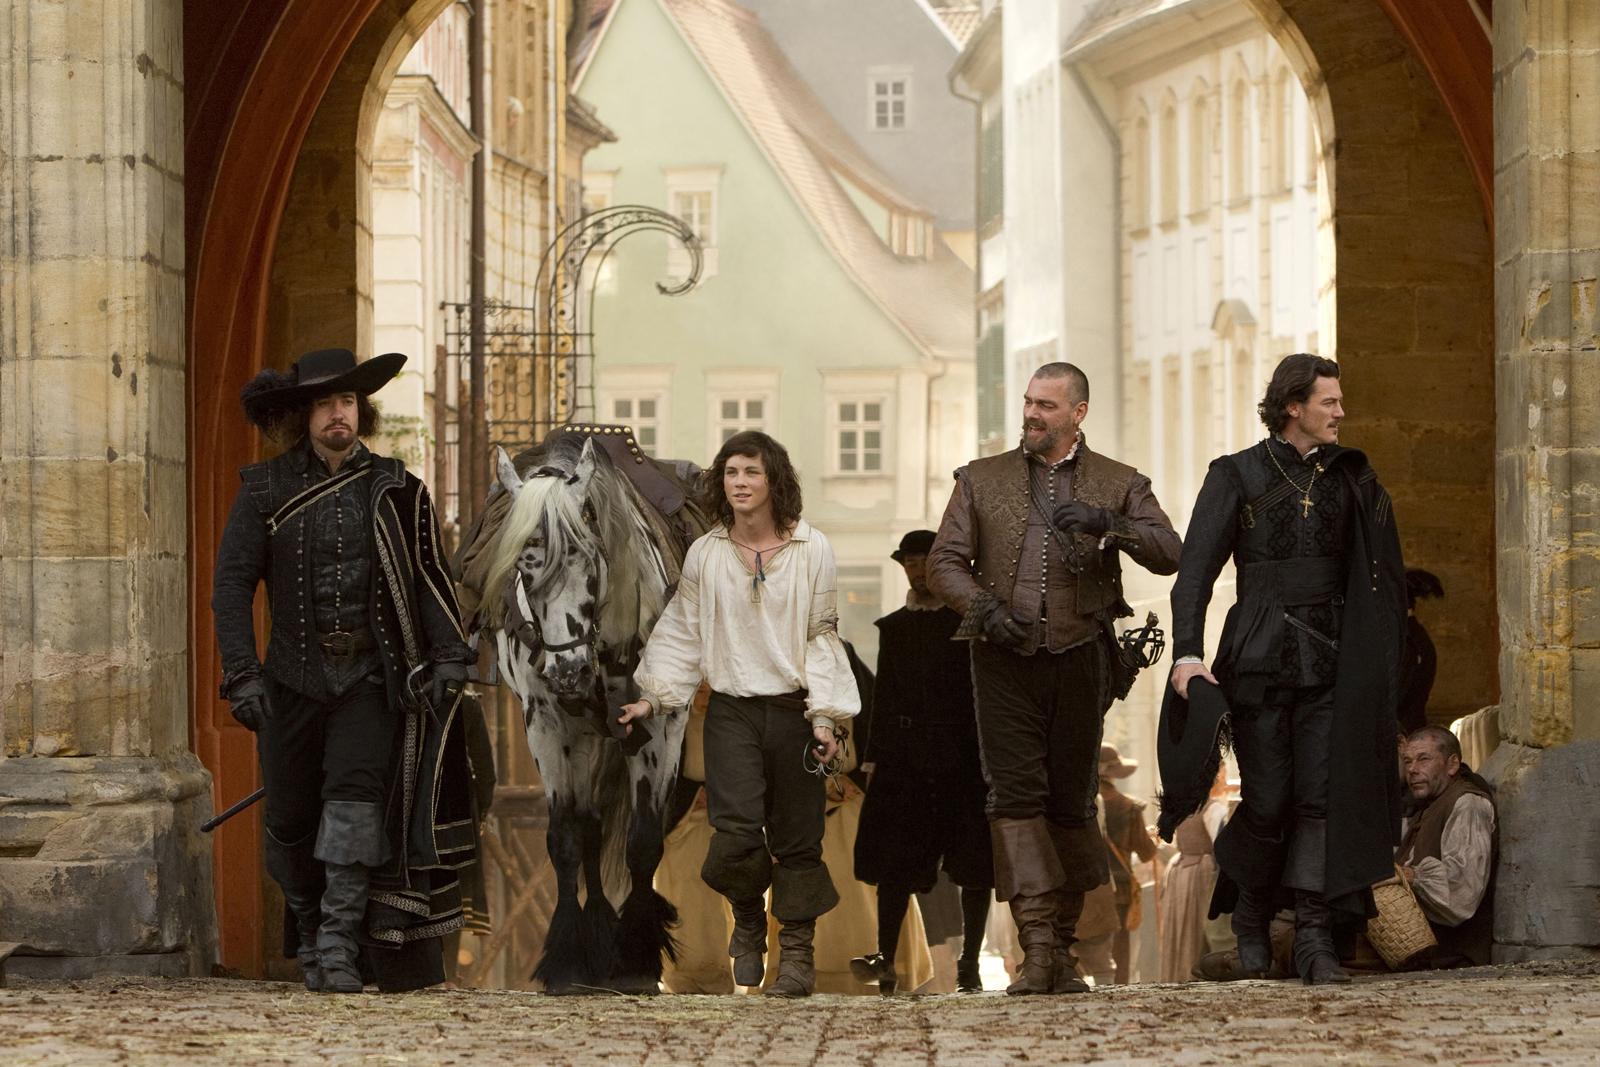 http://4.bp.blogspot.com/_9Sqb6Vhazxg/TRcos8SJgsI/AAAAAAAATAA/3Hp6y7ghdpM/s1600/the+three+musketeers_official+image.jpg